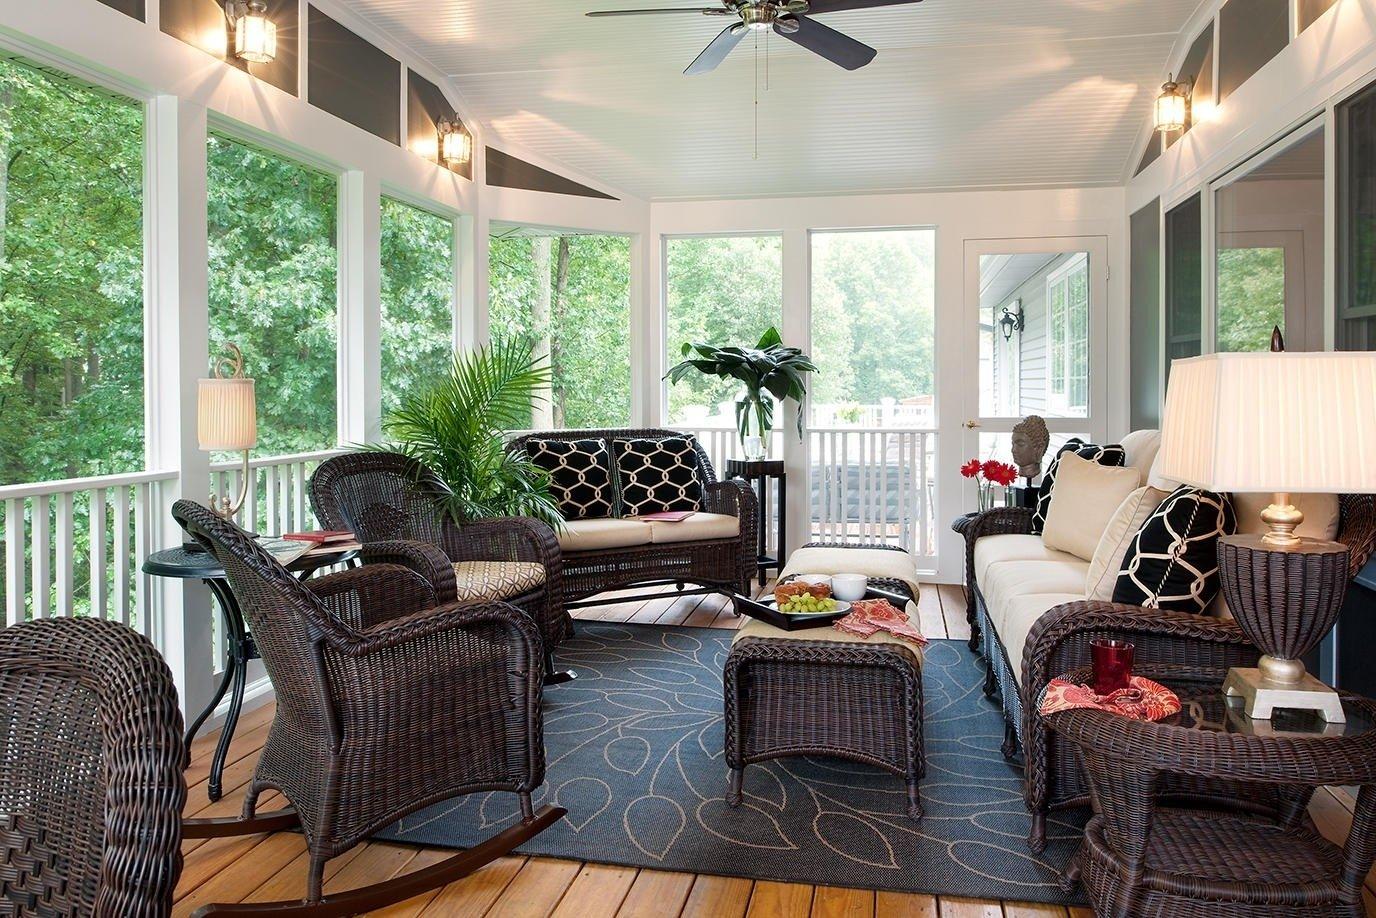 10 Unique Screened In Porch Decorating Ideas screen porch design ideas screened in porch decorating